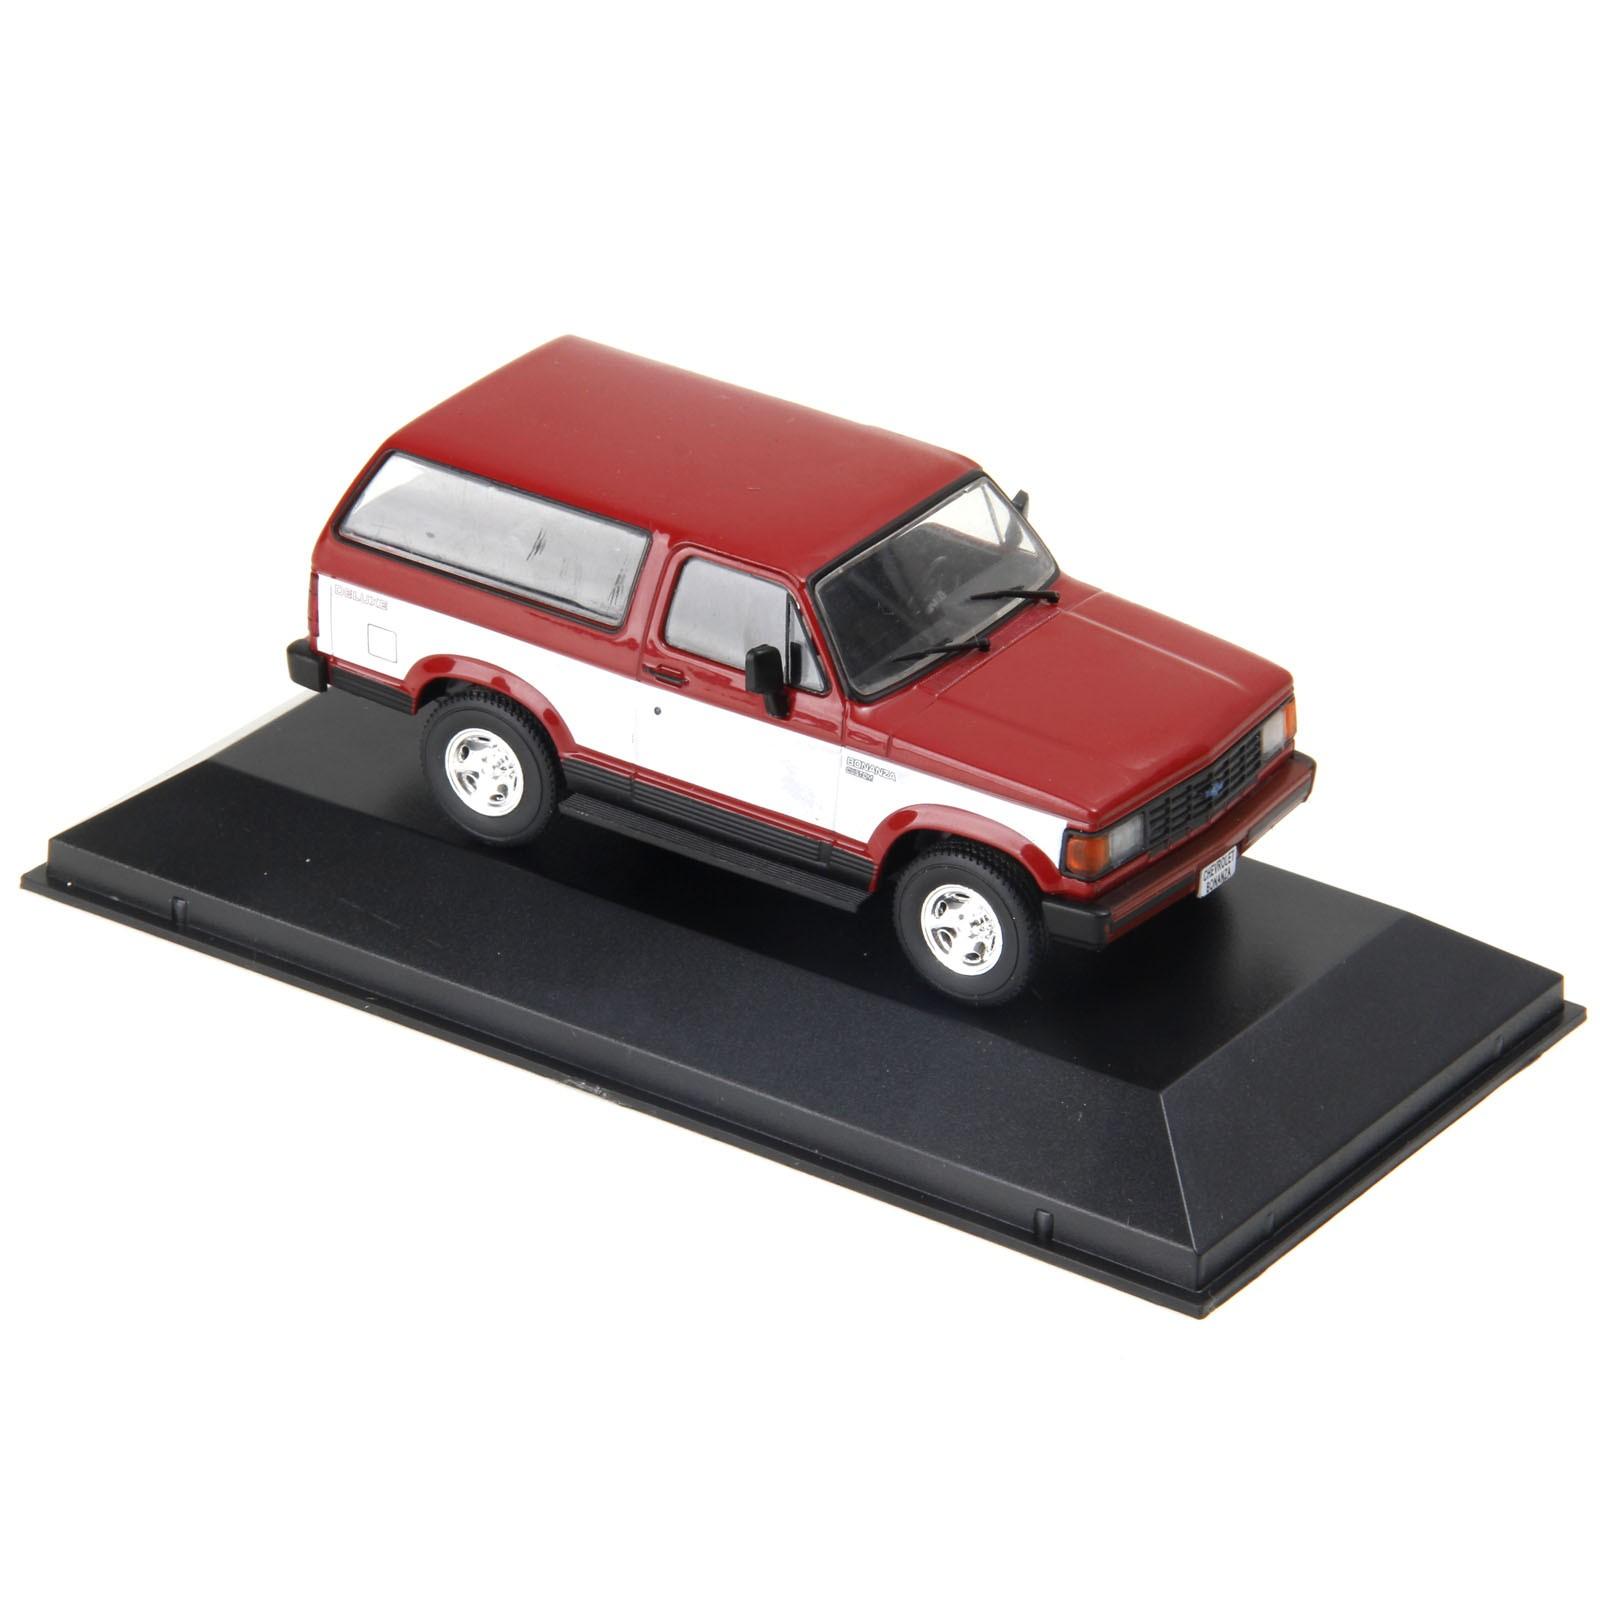 Miniatura em Metal - 1:43 - Chevrolet Bonanza 1989 - Série Carros Inesquecíveis do Brasil